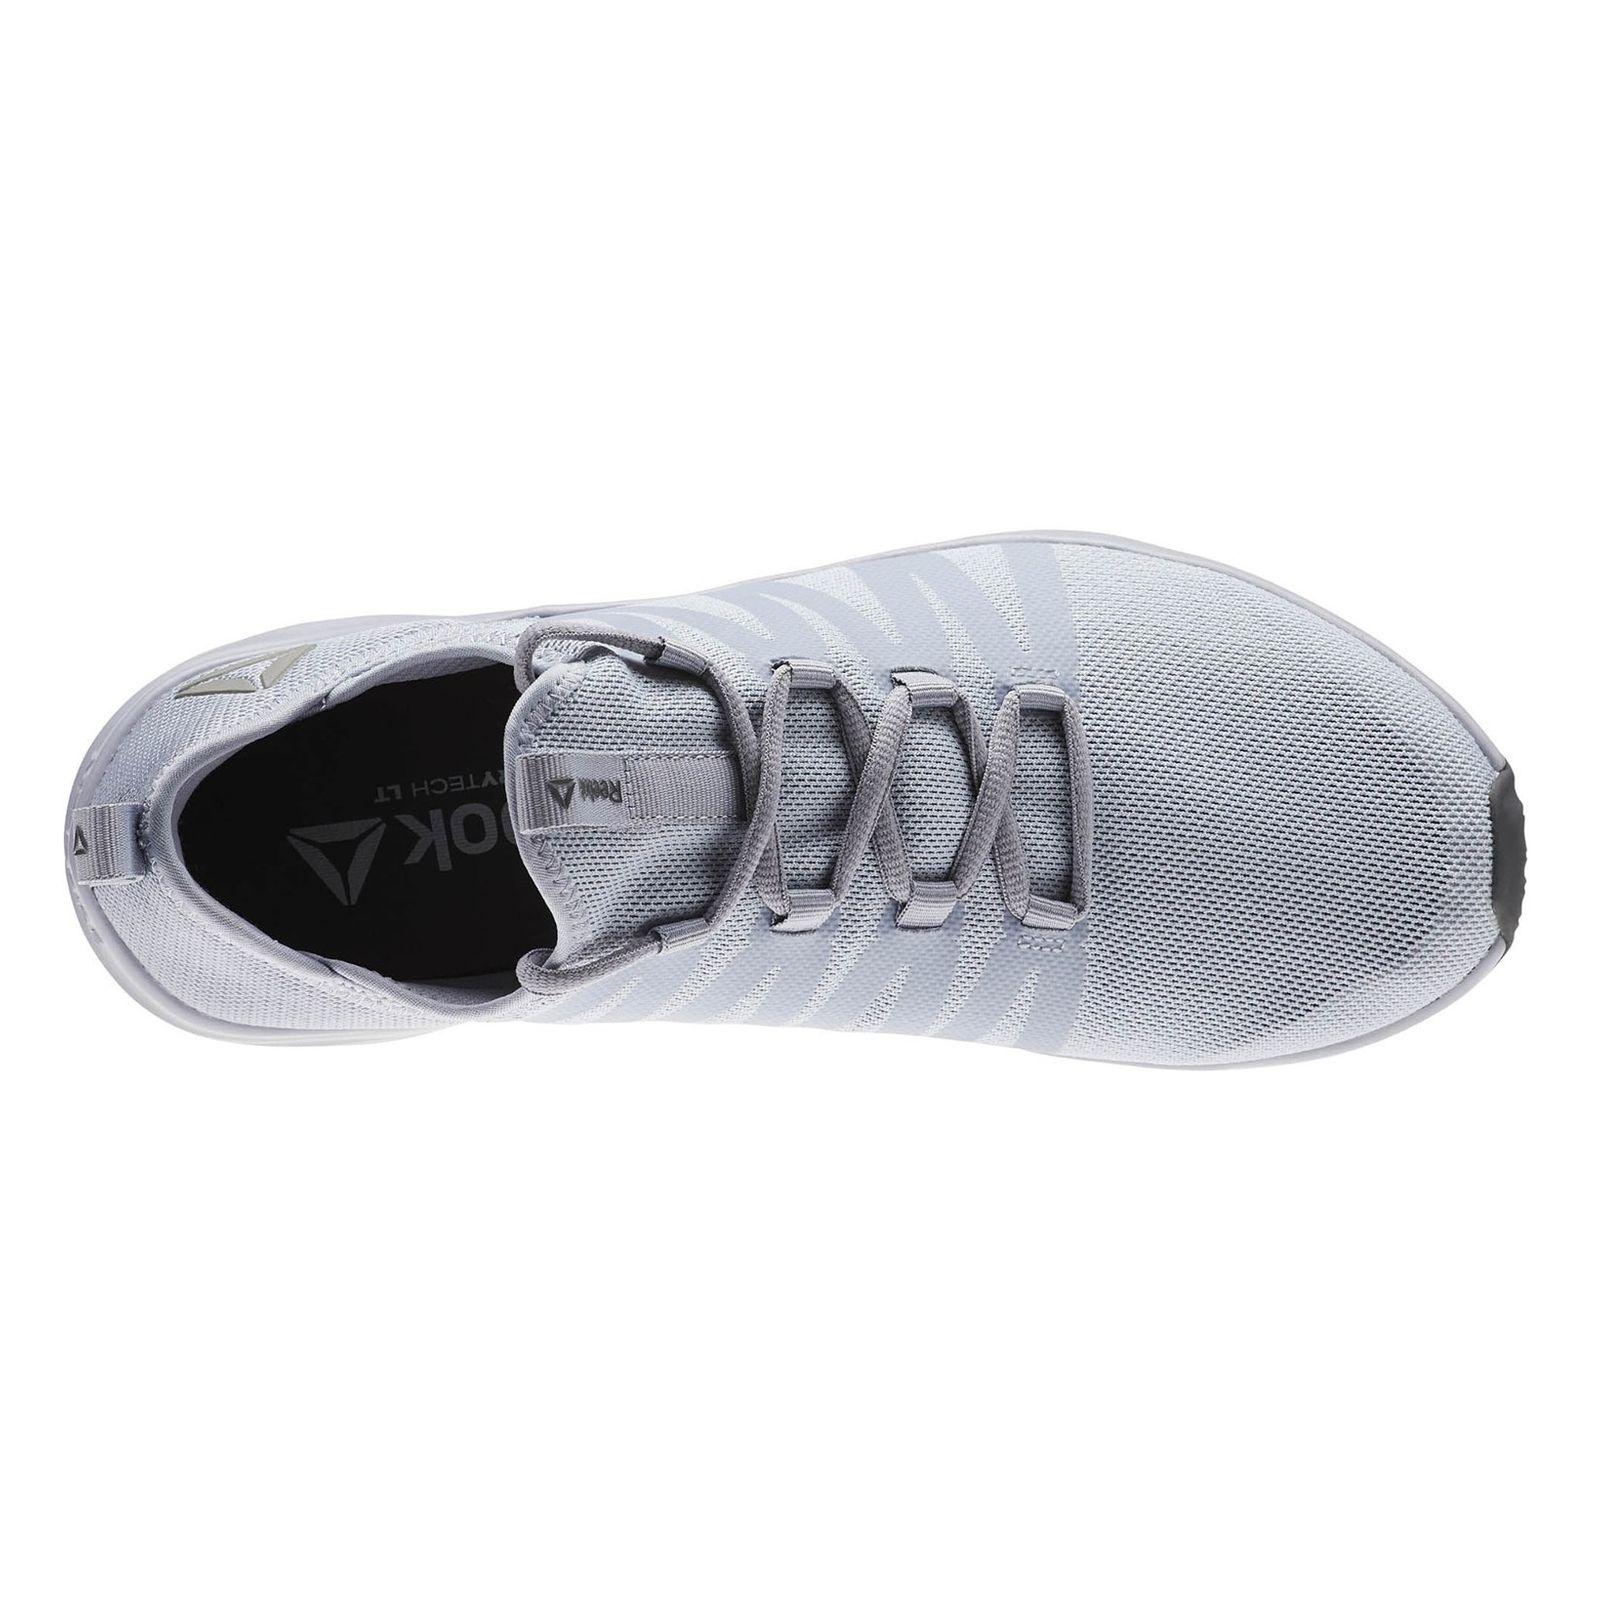 کفش دویدن بندی مردانه Astroride Future - ریباک - طوسي - 4